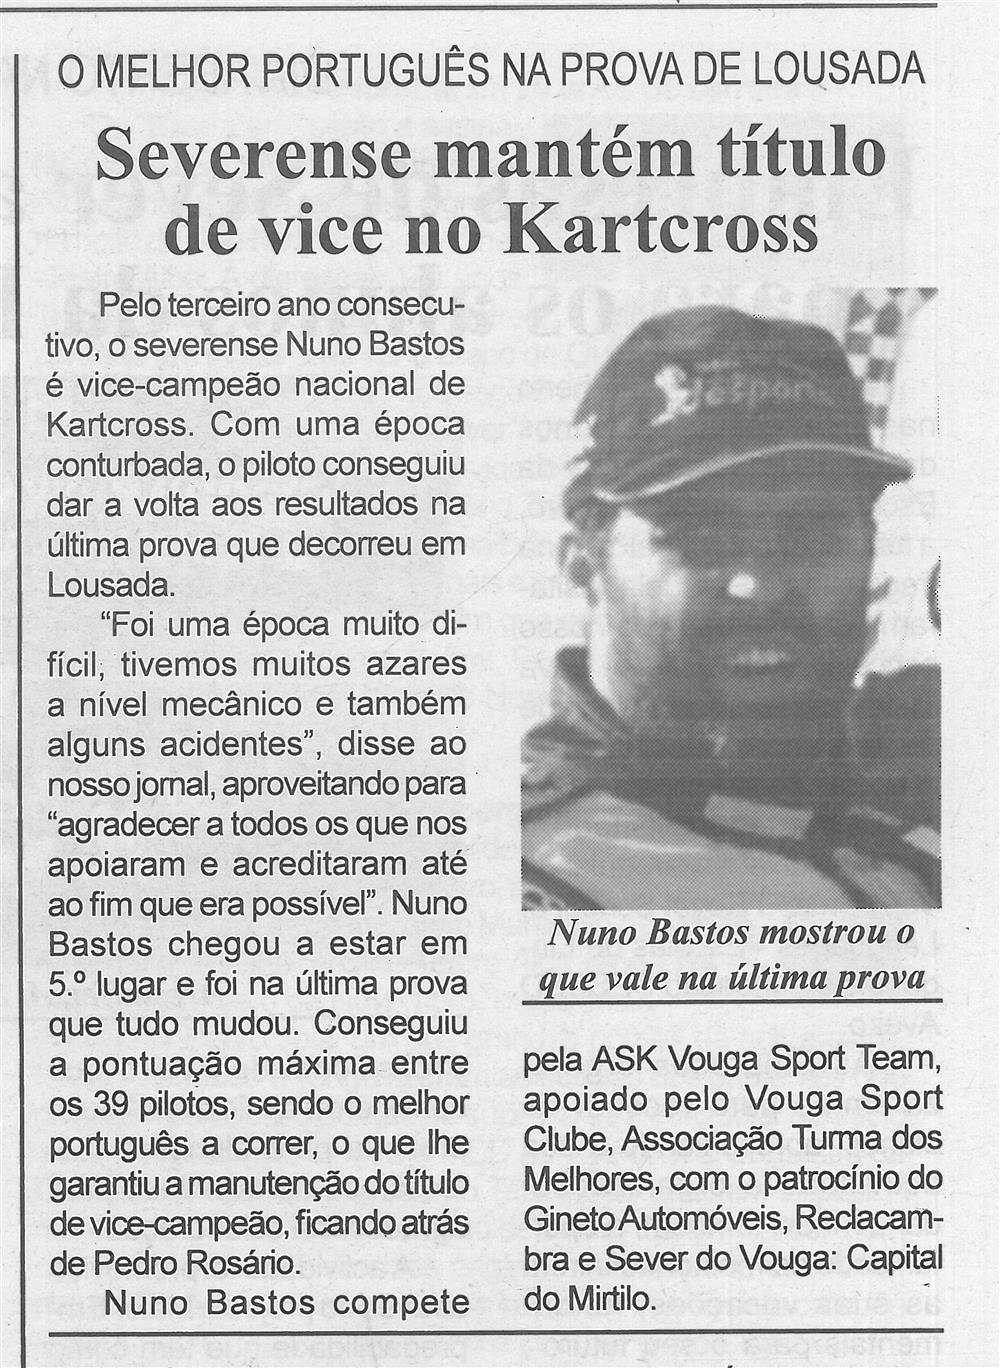 BV-2.ªnov.'15-p.6-Severense mantém título de vice no kartcross : o melhor português na prova de Lousada.jpg